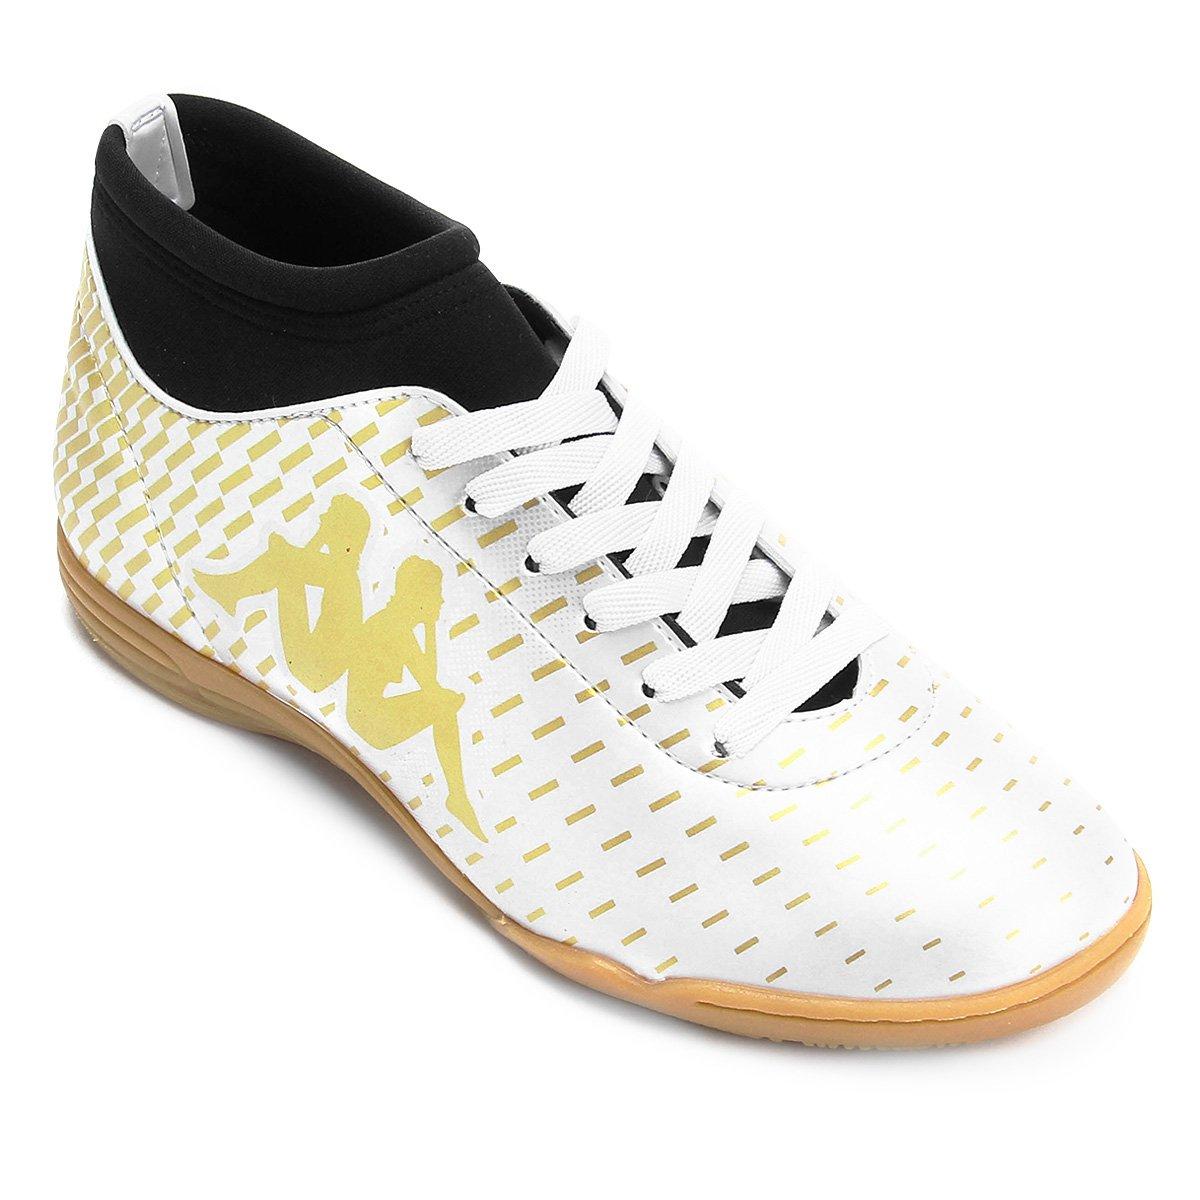 6cd3263e3bb75 Chuteira Futsal Kappa Matera - Compre Agora